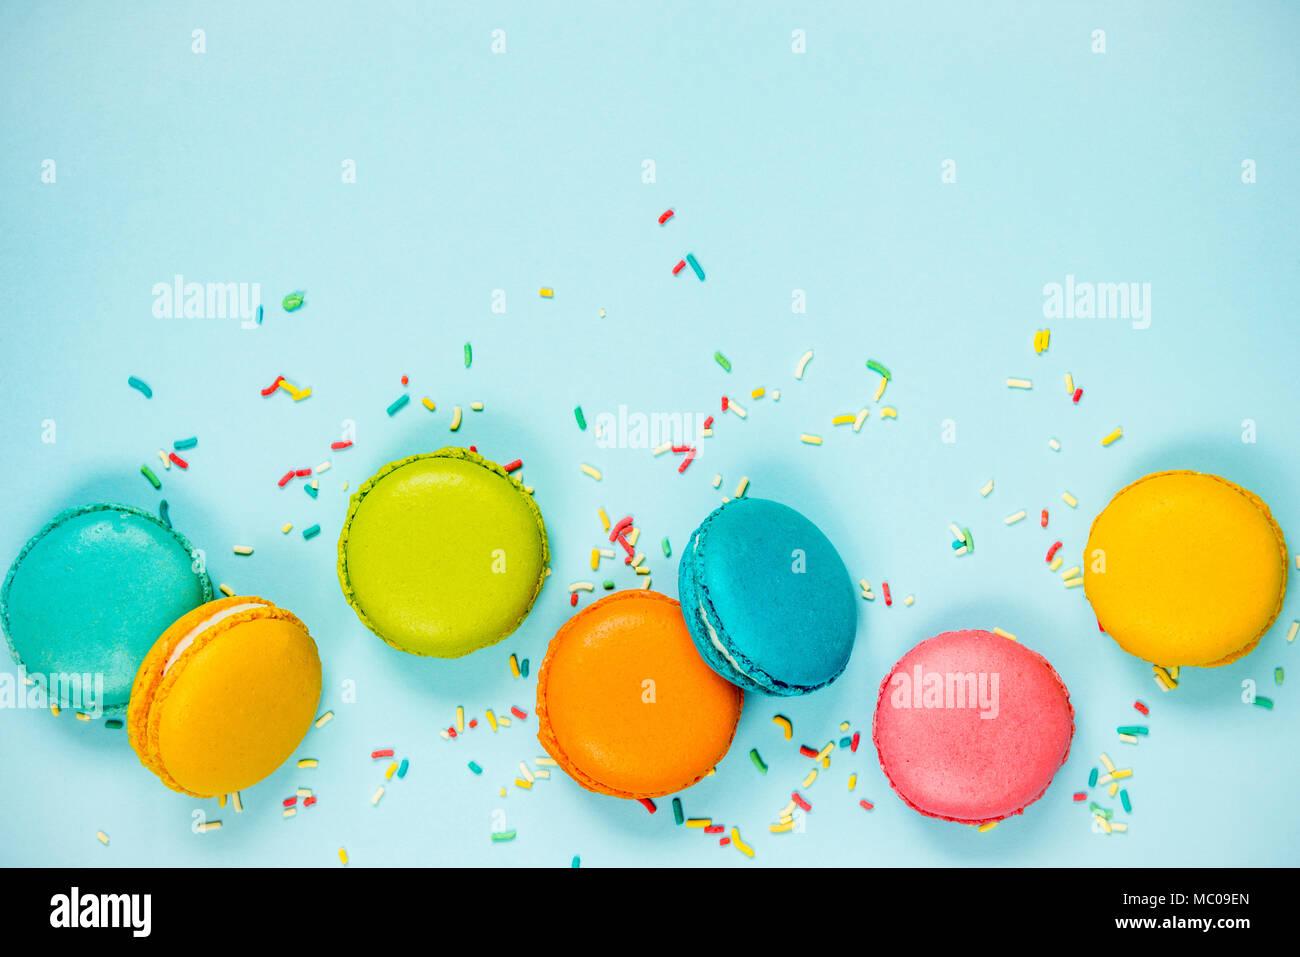 Vue de dessus de macarons colorés et saupoudre de sucre sur fond bleu. Photo Stock